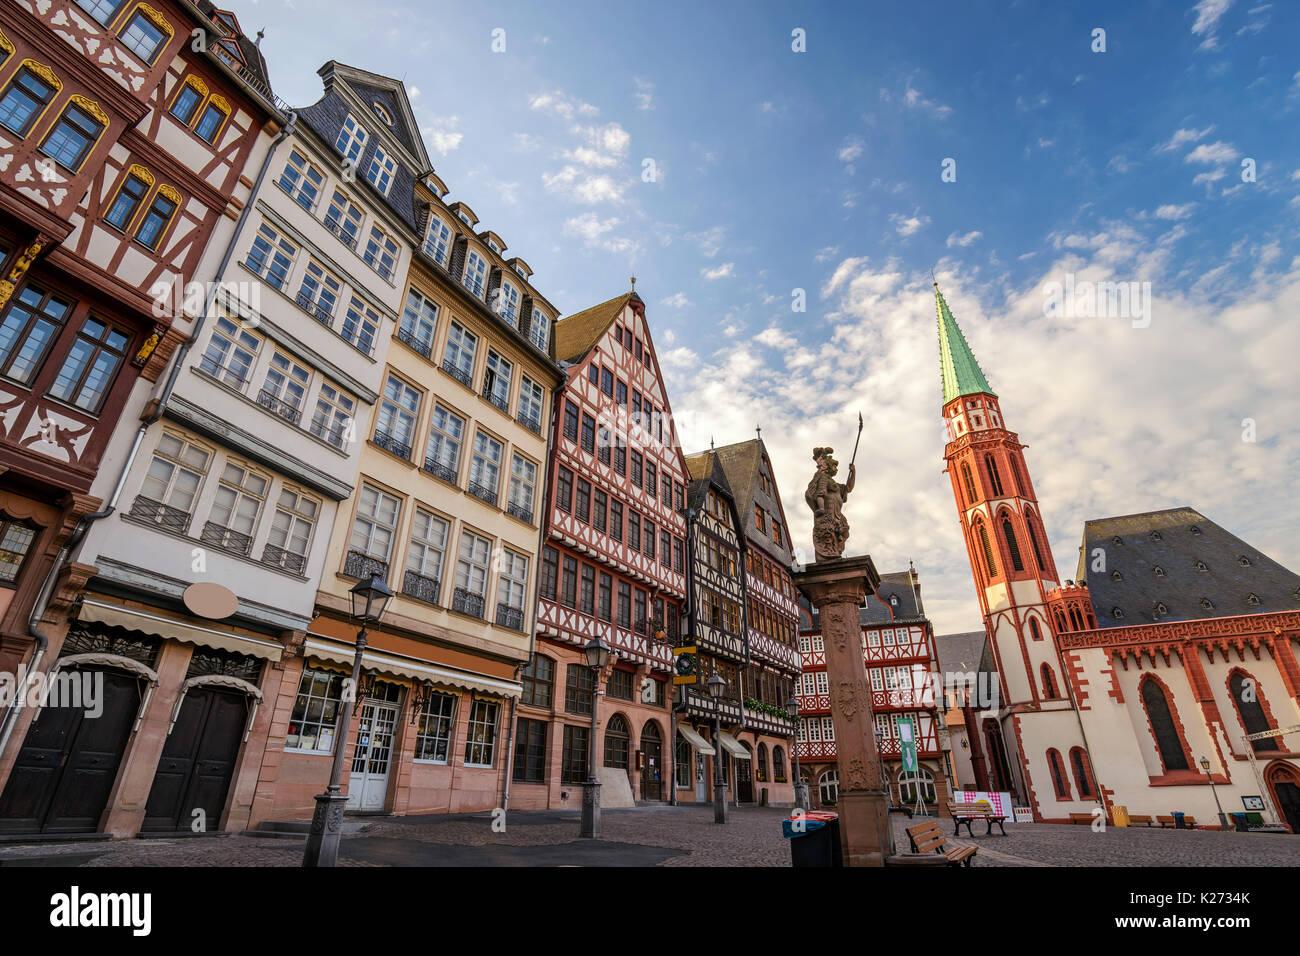 Romer (Frankfurt City Hall), Frankfurt, Alemania Imagen De Stock